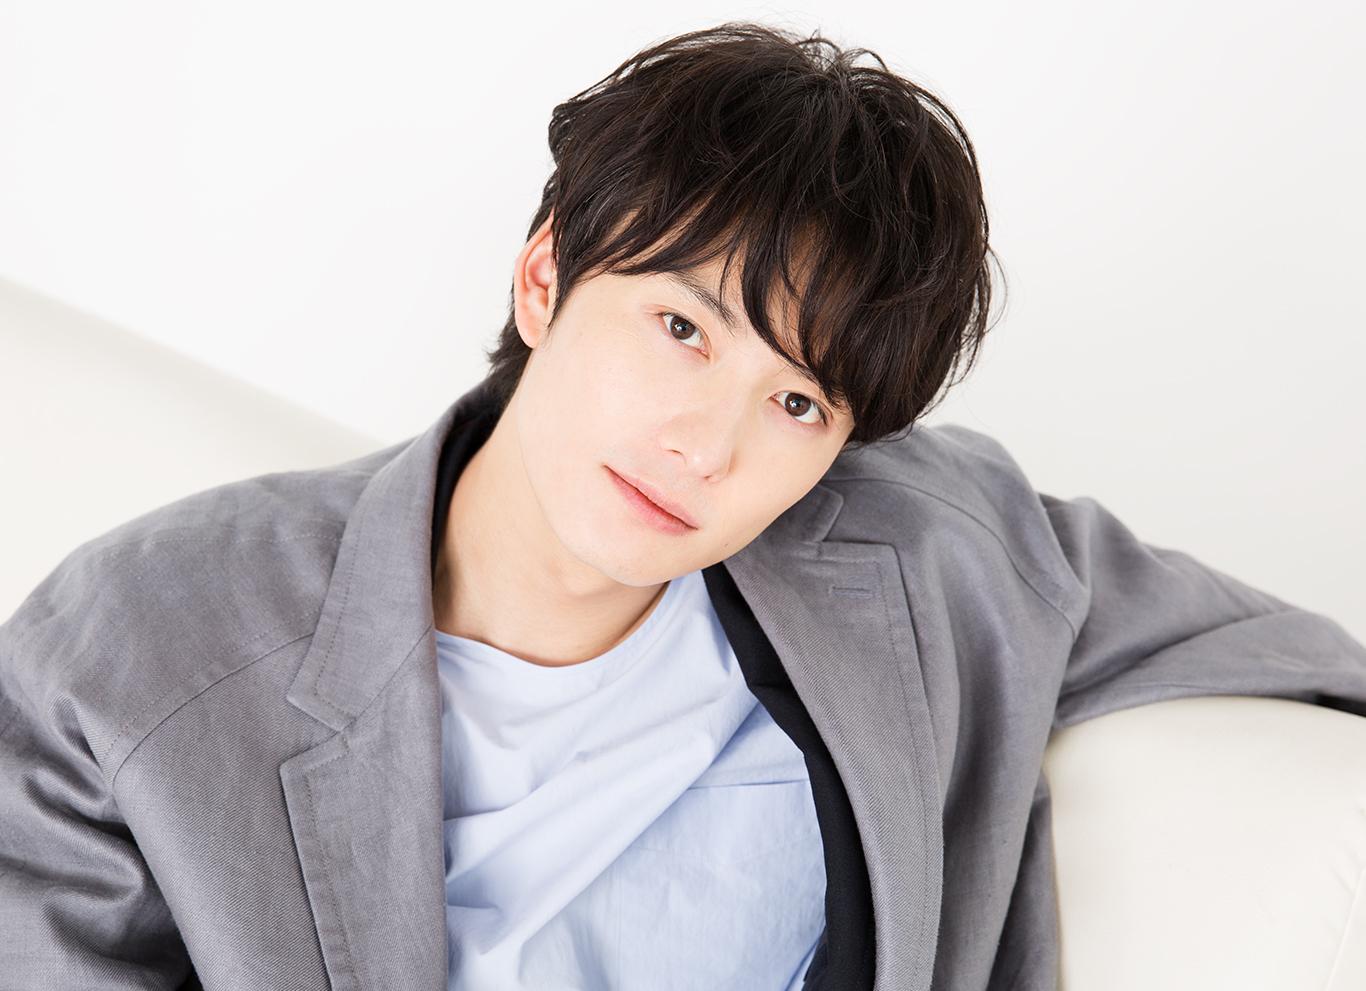 岡田将生はハーフ 色白で肌が綺麗 スキンケアや髪形をチェック